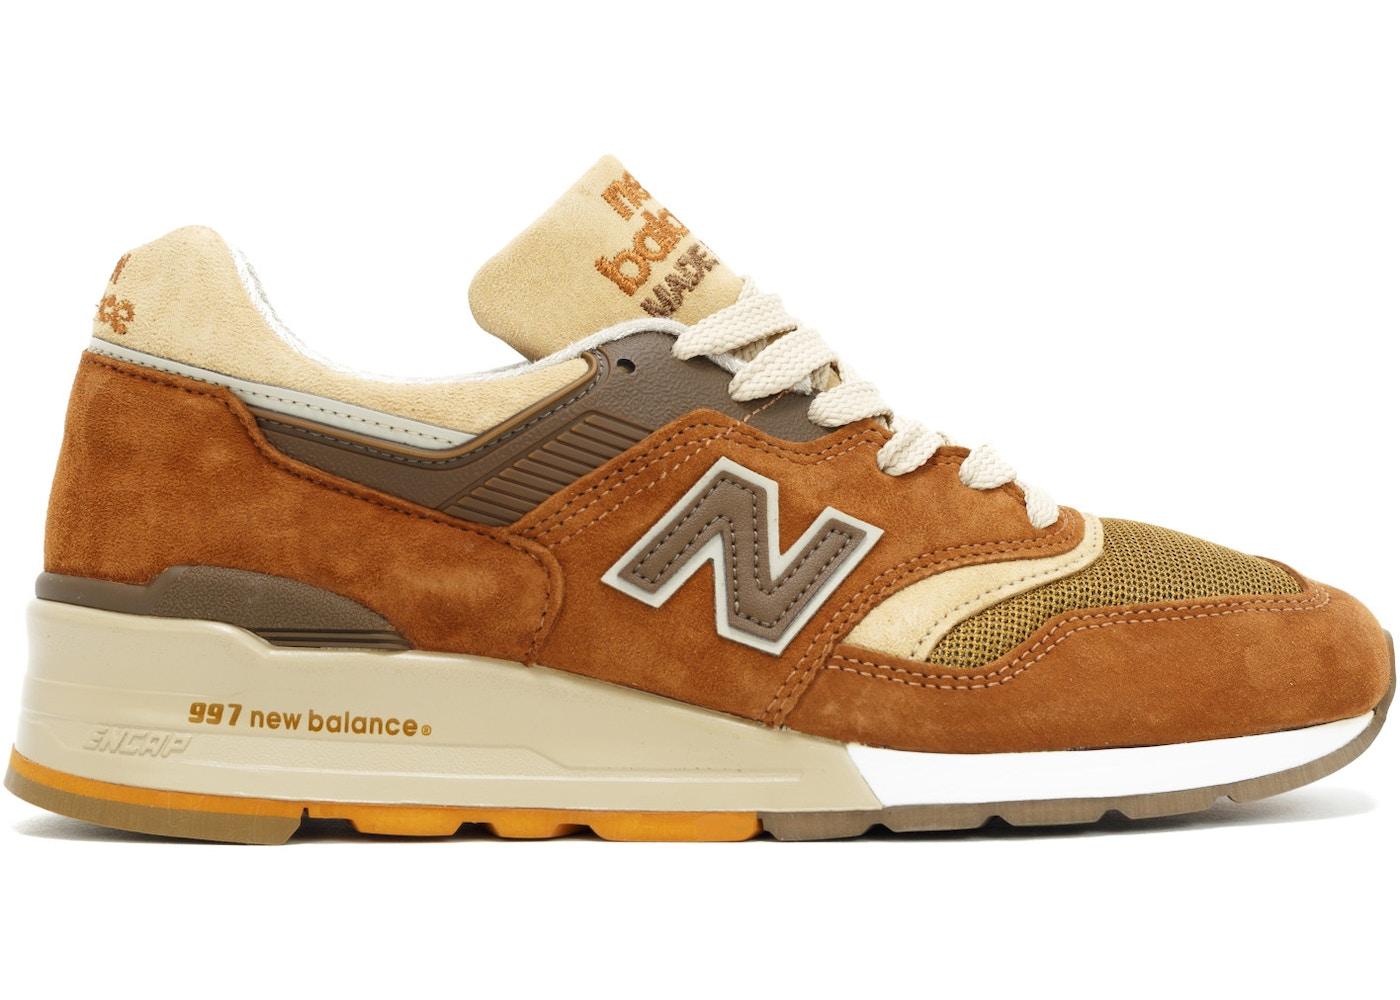 check out 20291 550e8 New Balance Size 7 Shoes - Volatility